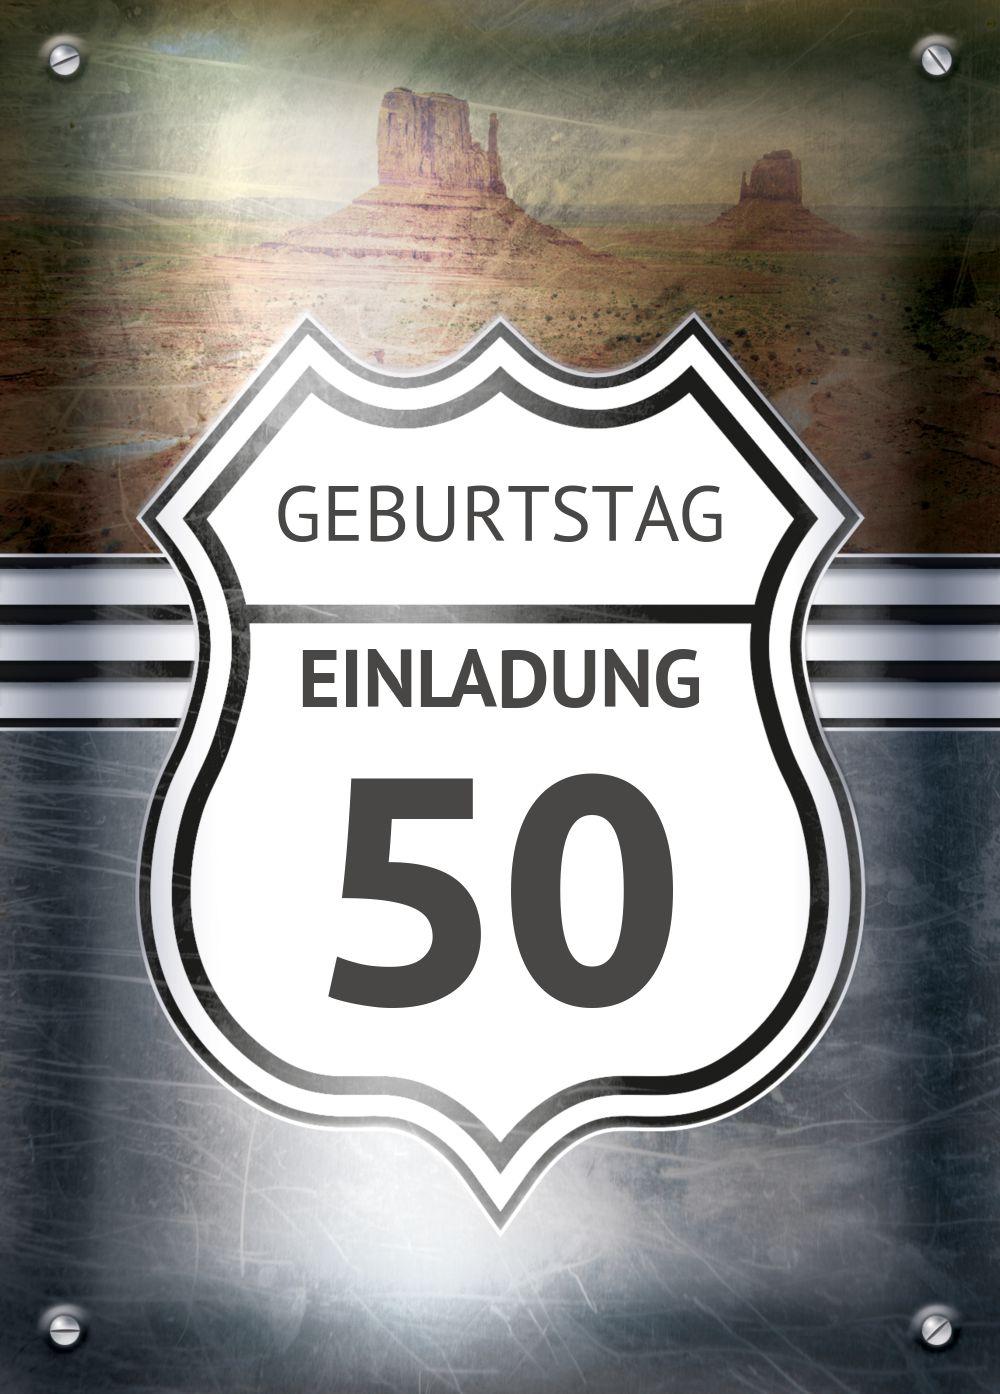 Ansicht 2 - Geburtstagseinladung Route 50